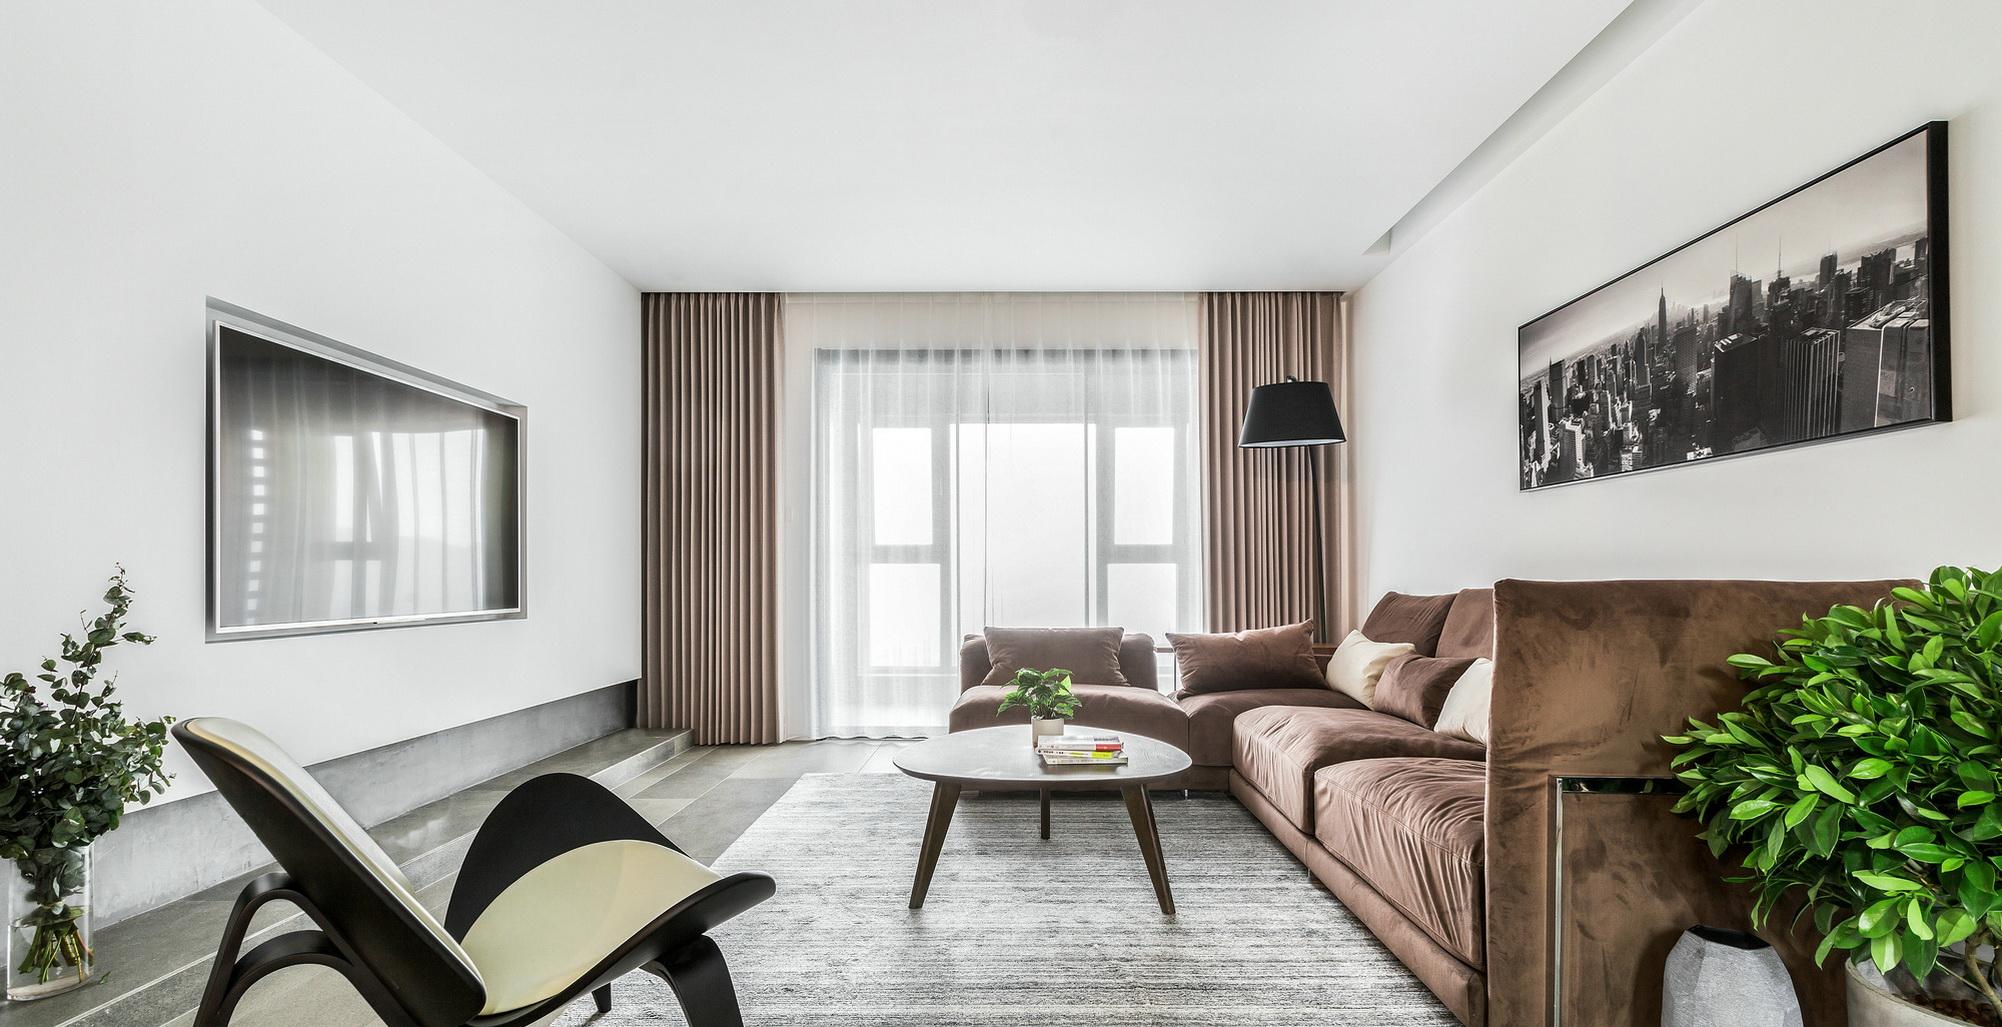 客厅和阳台连通,空间变得更加宽敞,不会显得紧凑。